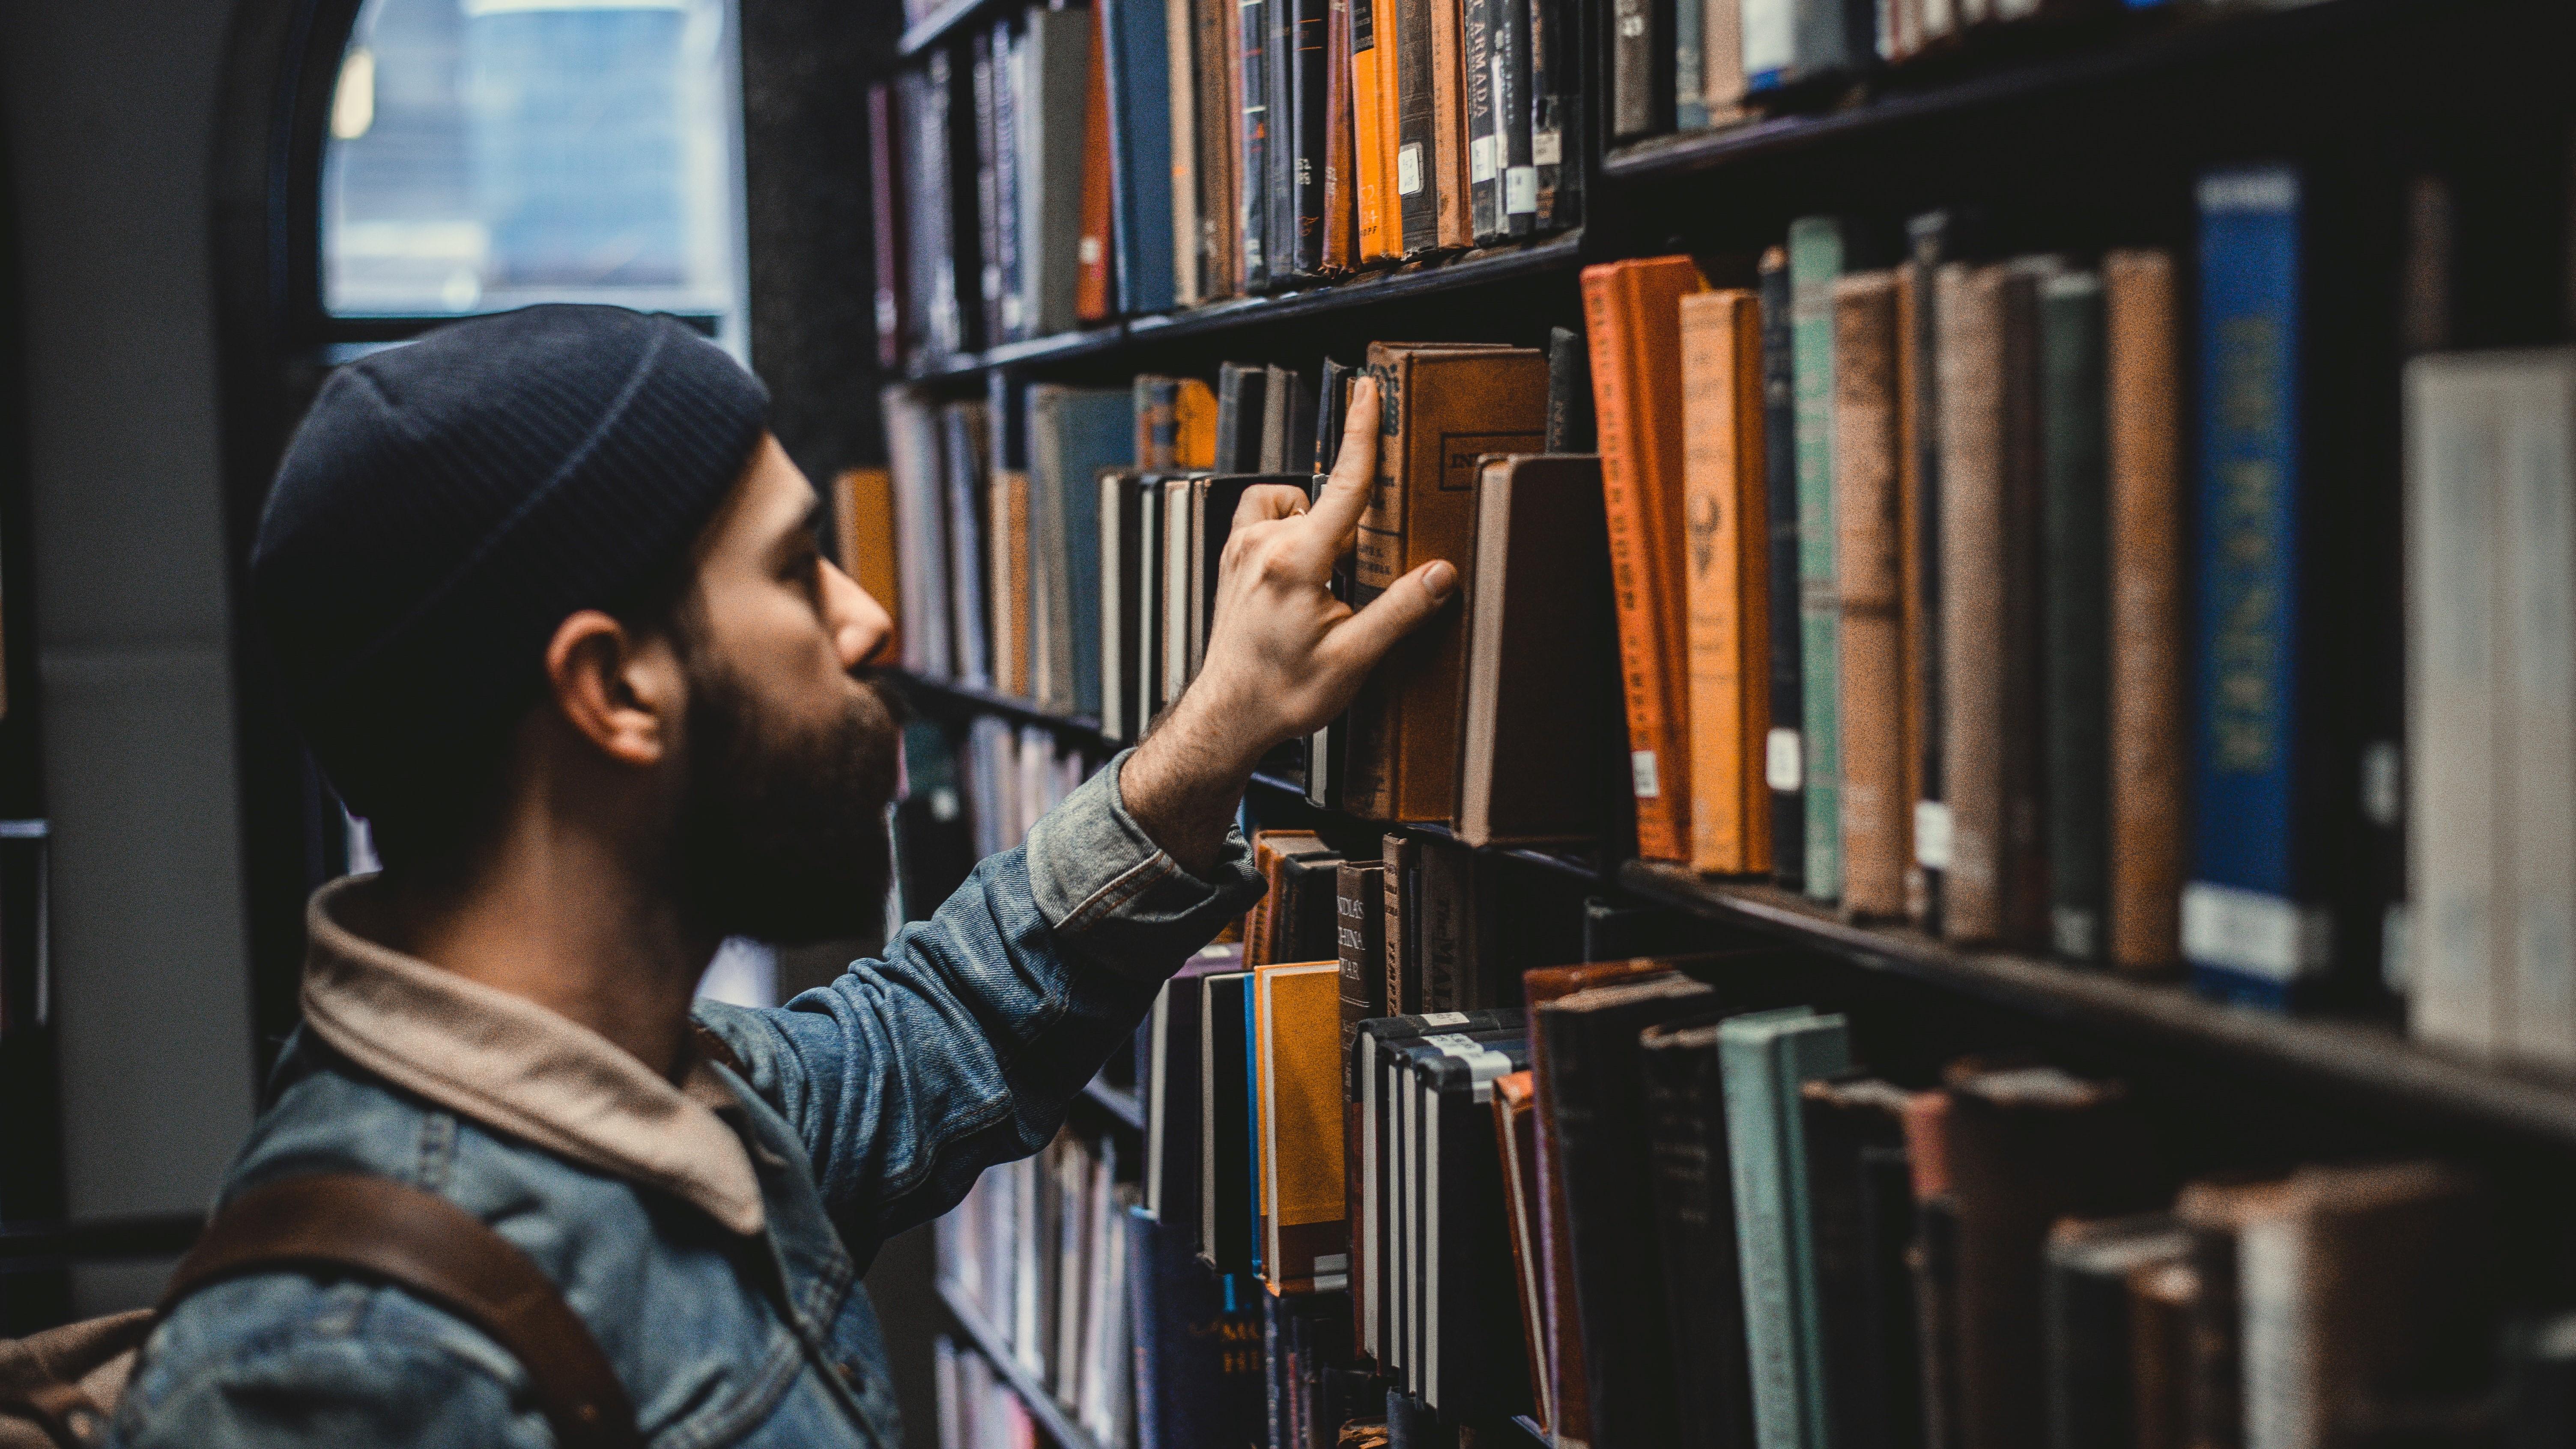 Mand leder efter en bog